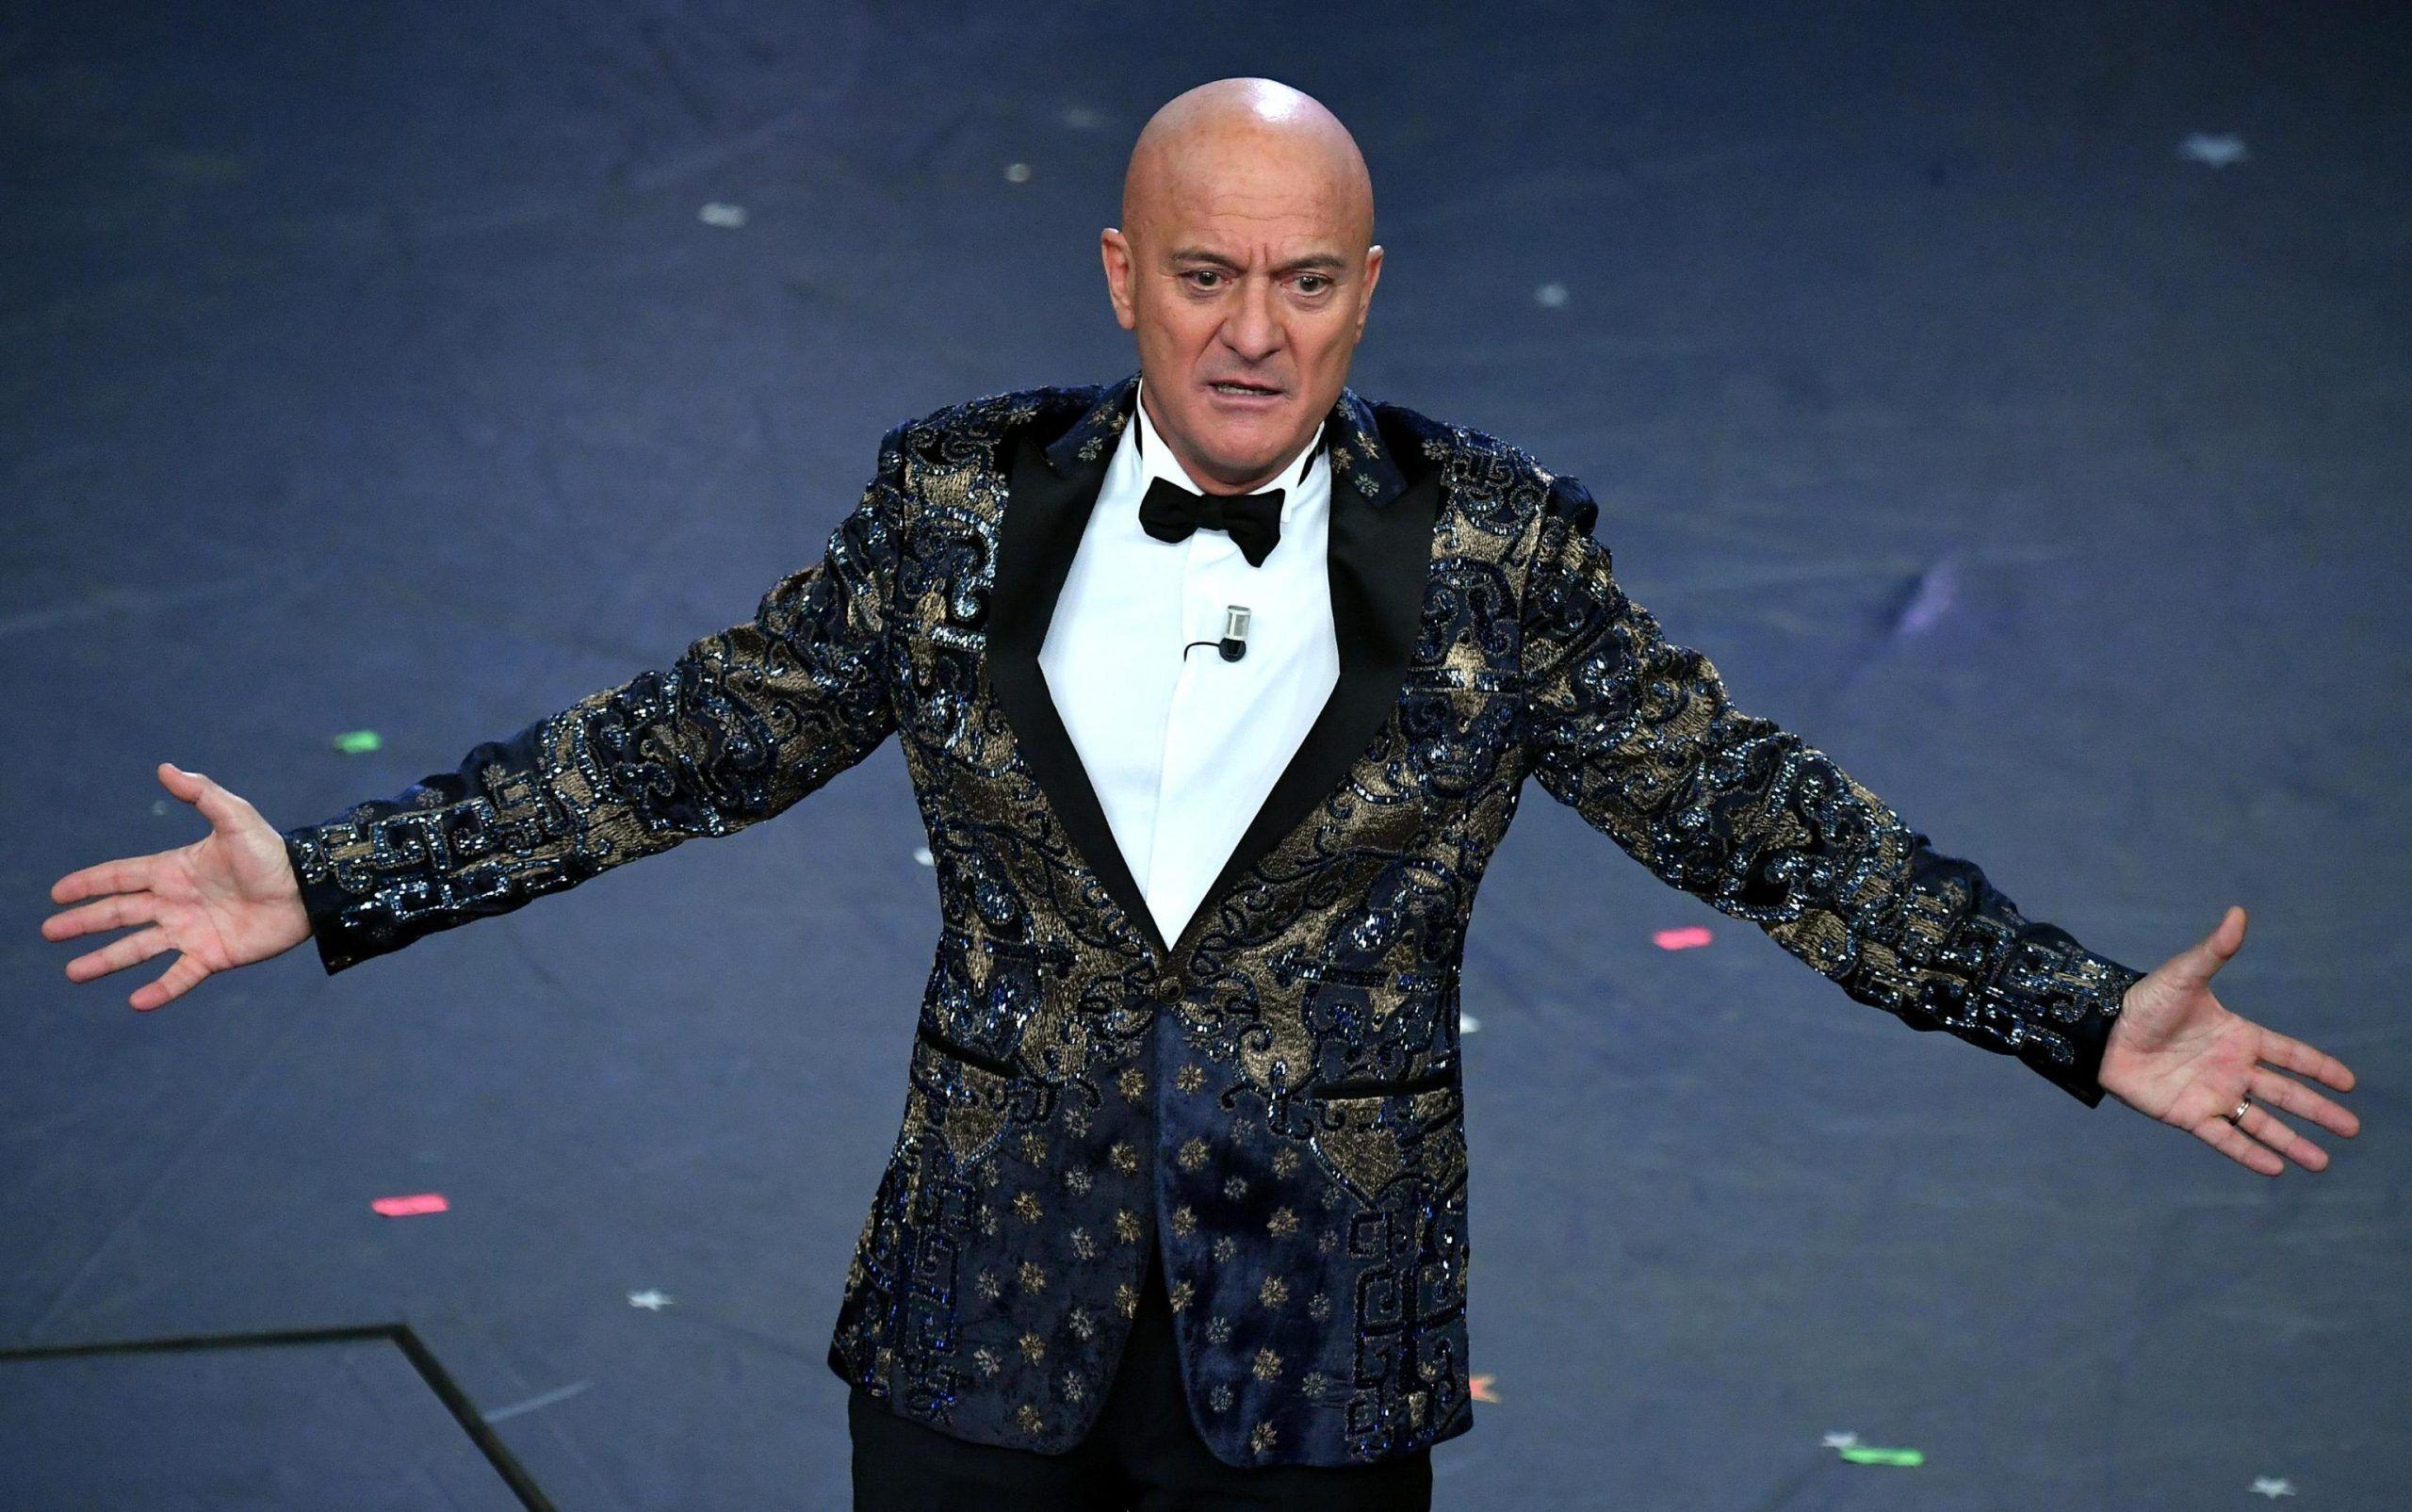 Sanremo 2019, il web insorge per il monologo di Claudio Bisio: 'Razzista'